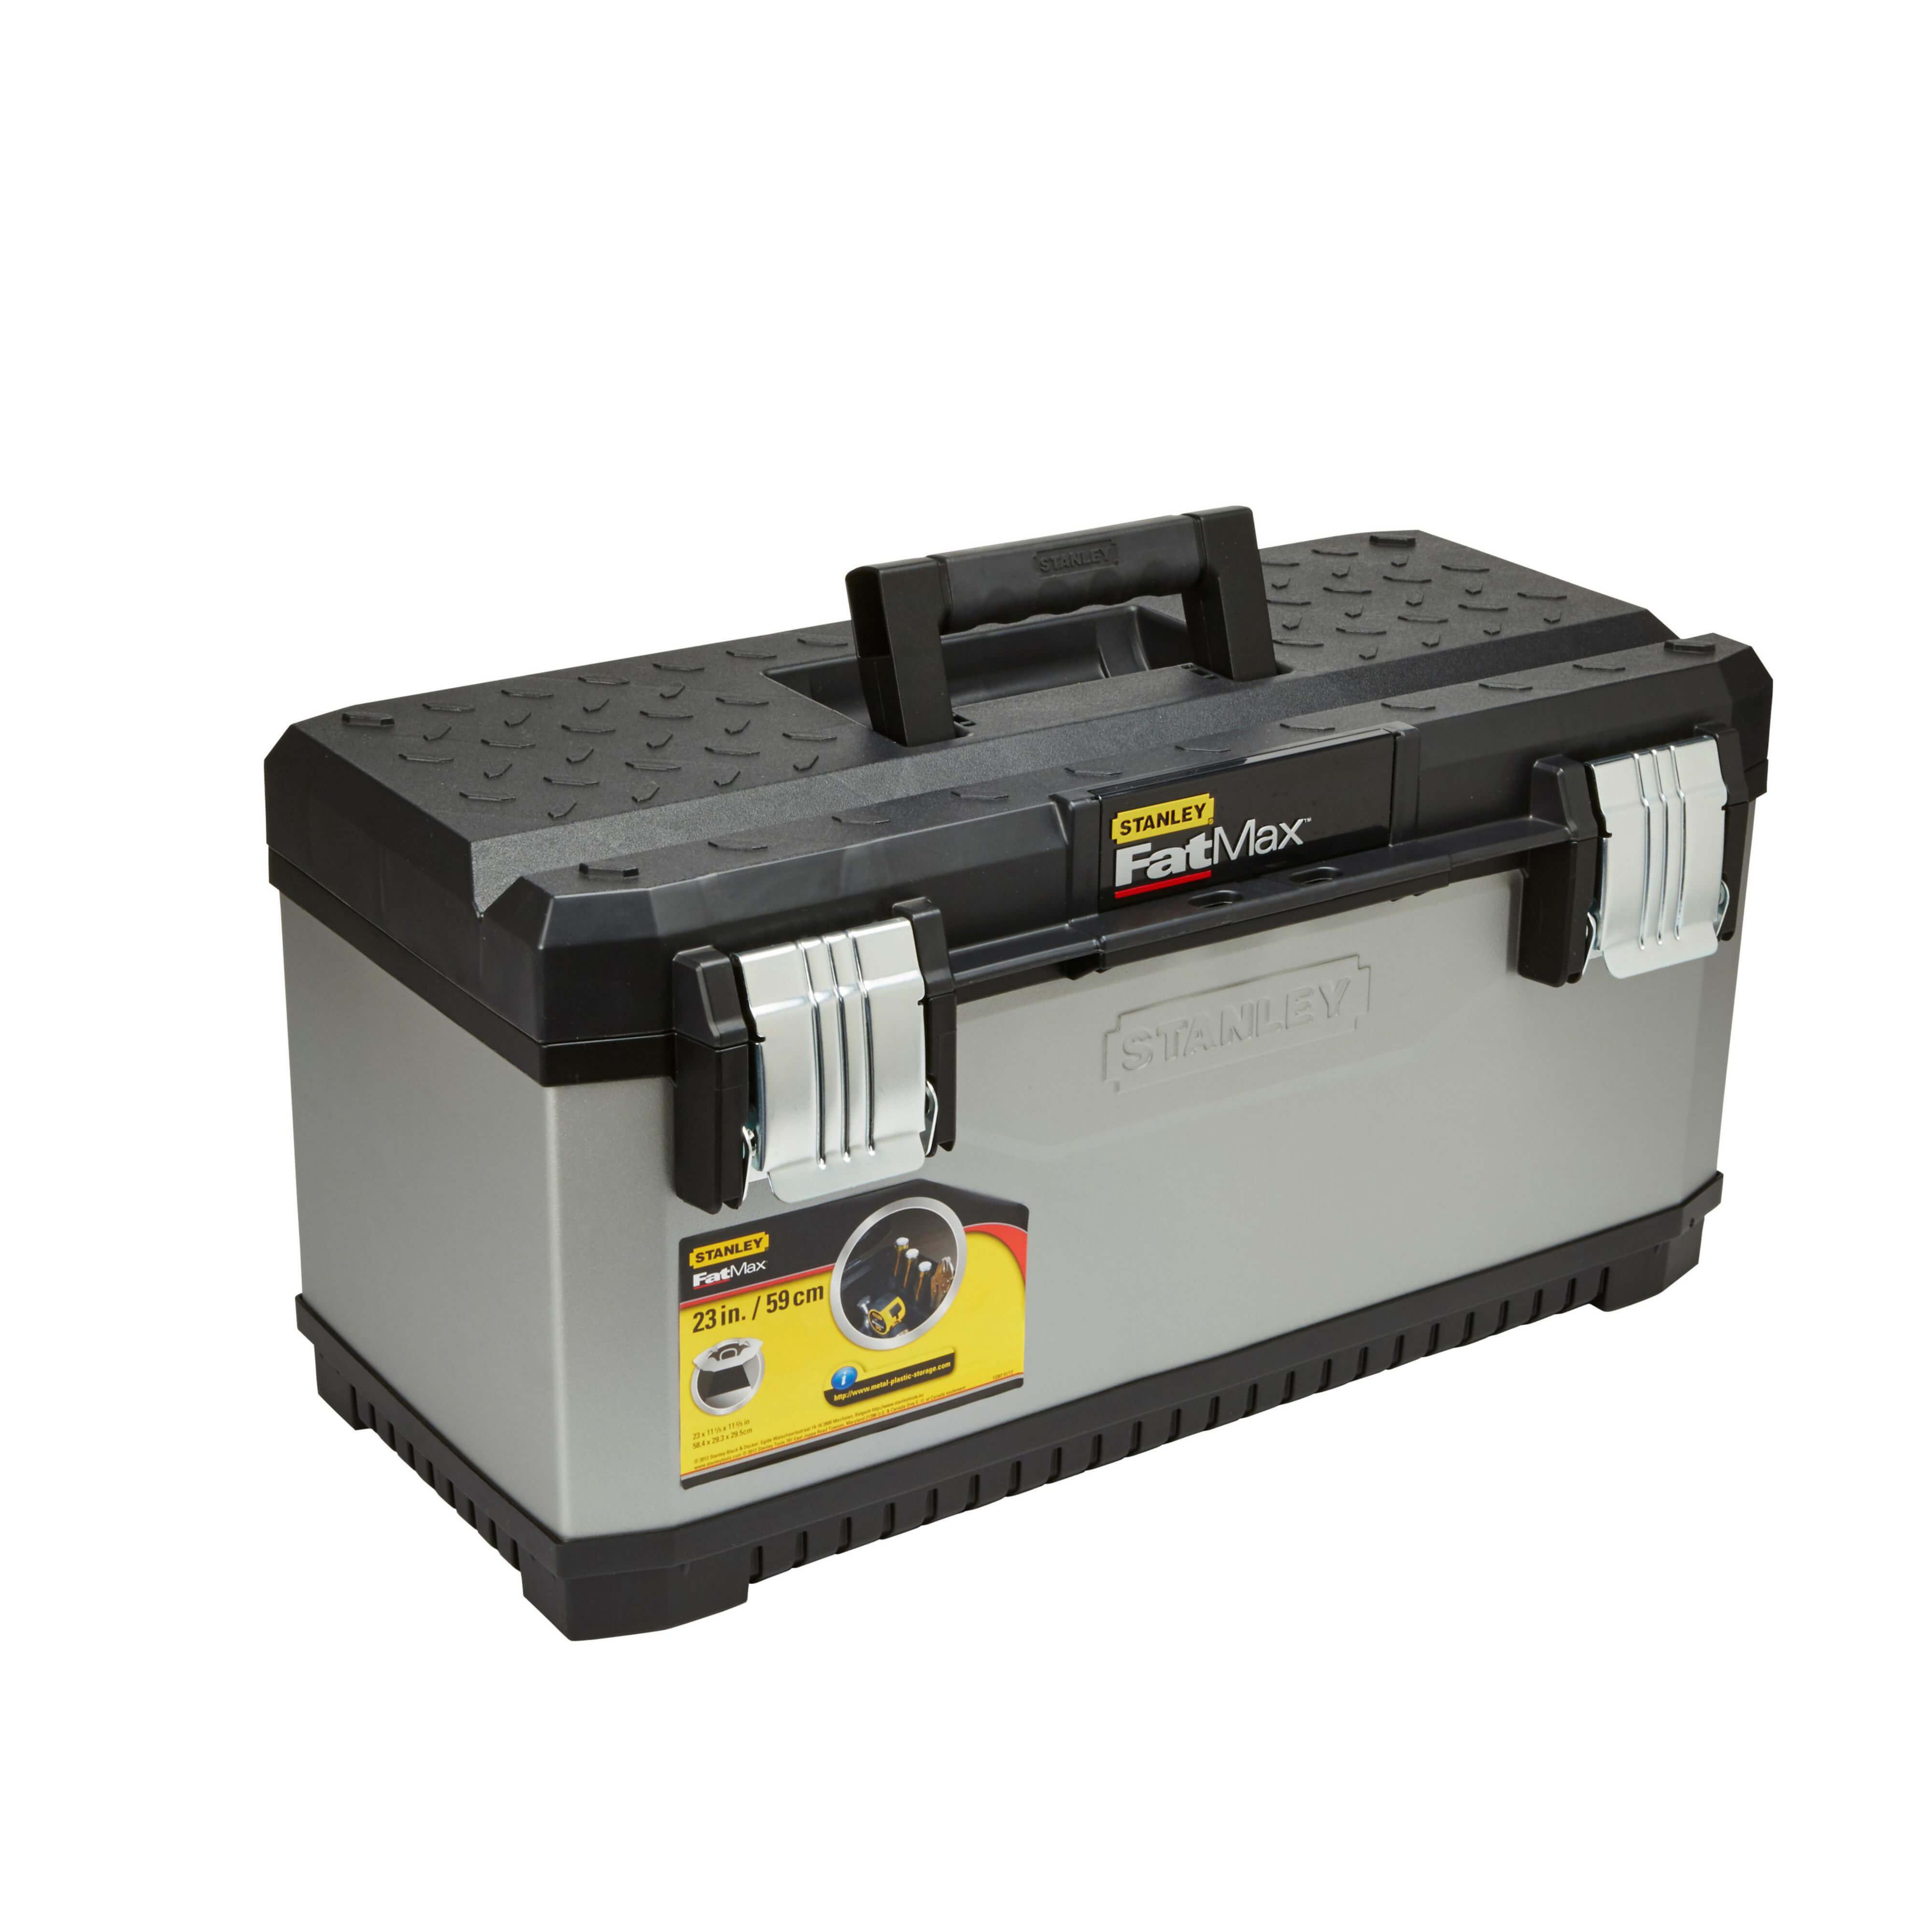 Ящик FatMax профессиональный металлопластиковый размером 59х29.3х22.2 см STANLEY FMST1-75769